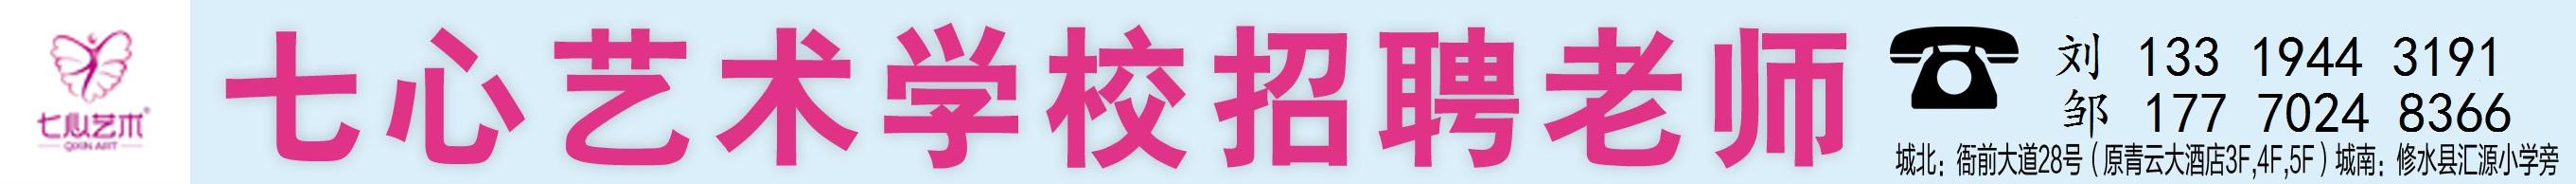 修水县七心文化传播有限公司